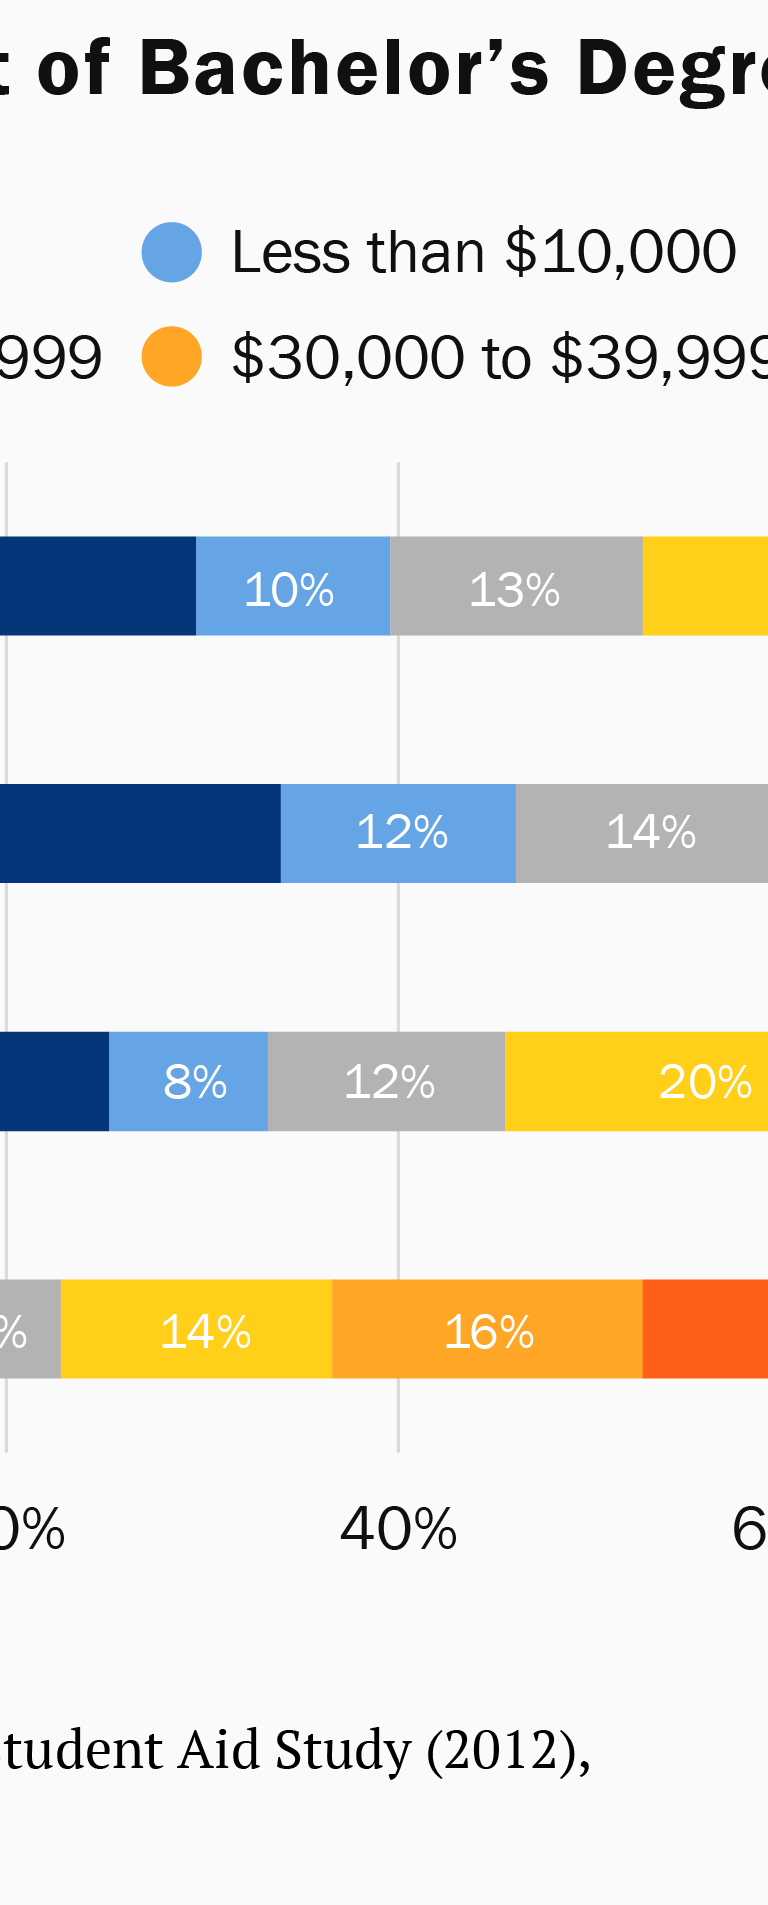 Cumulative debt of bachelor's degree recipients, 2011-12